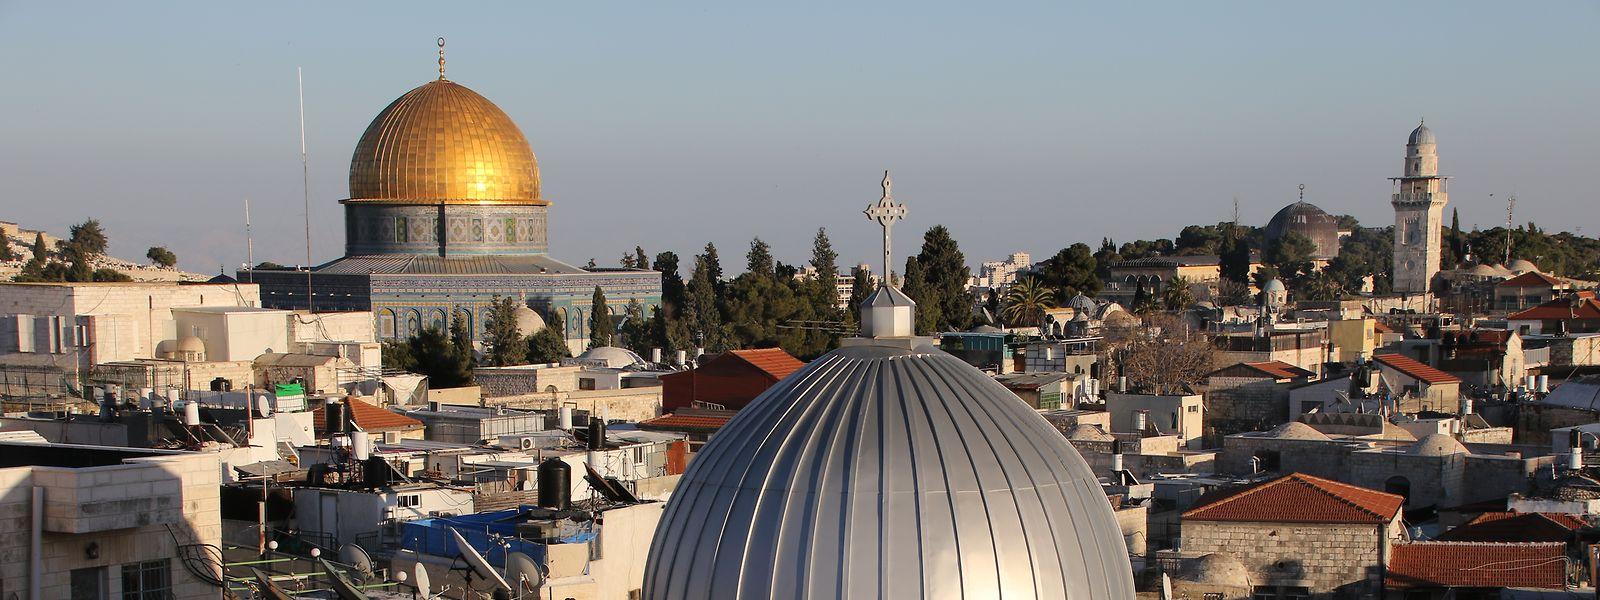 Der Felsendom dominiert das Stadtbild von Jerusalem.